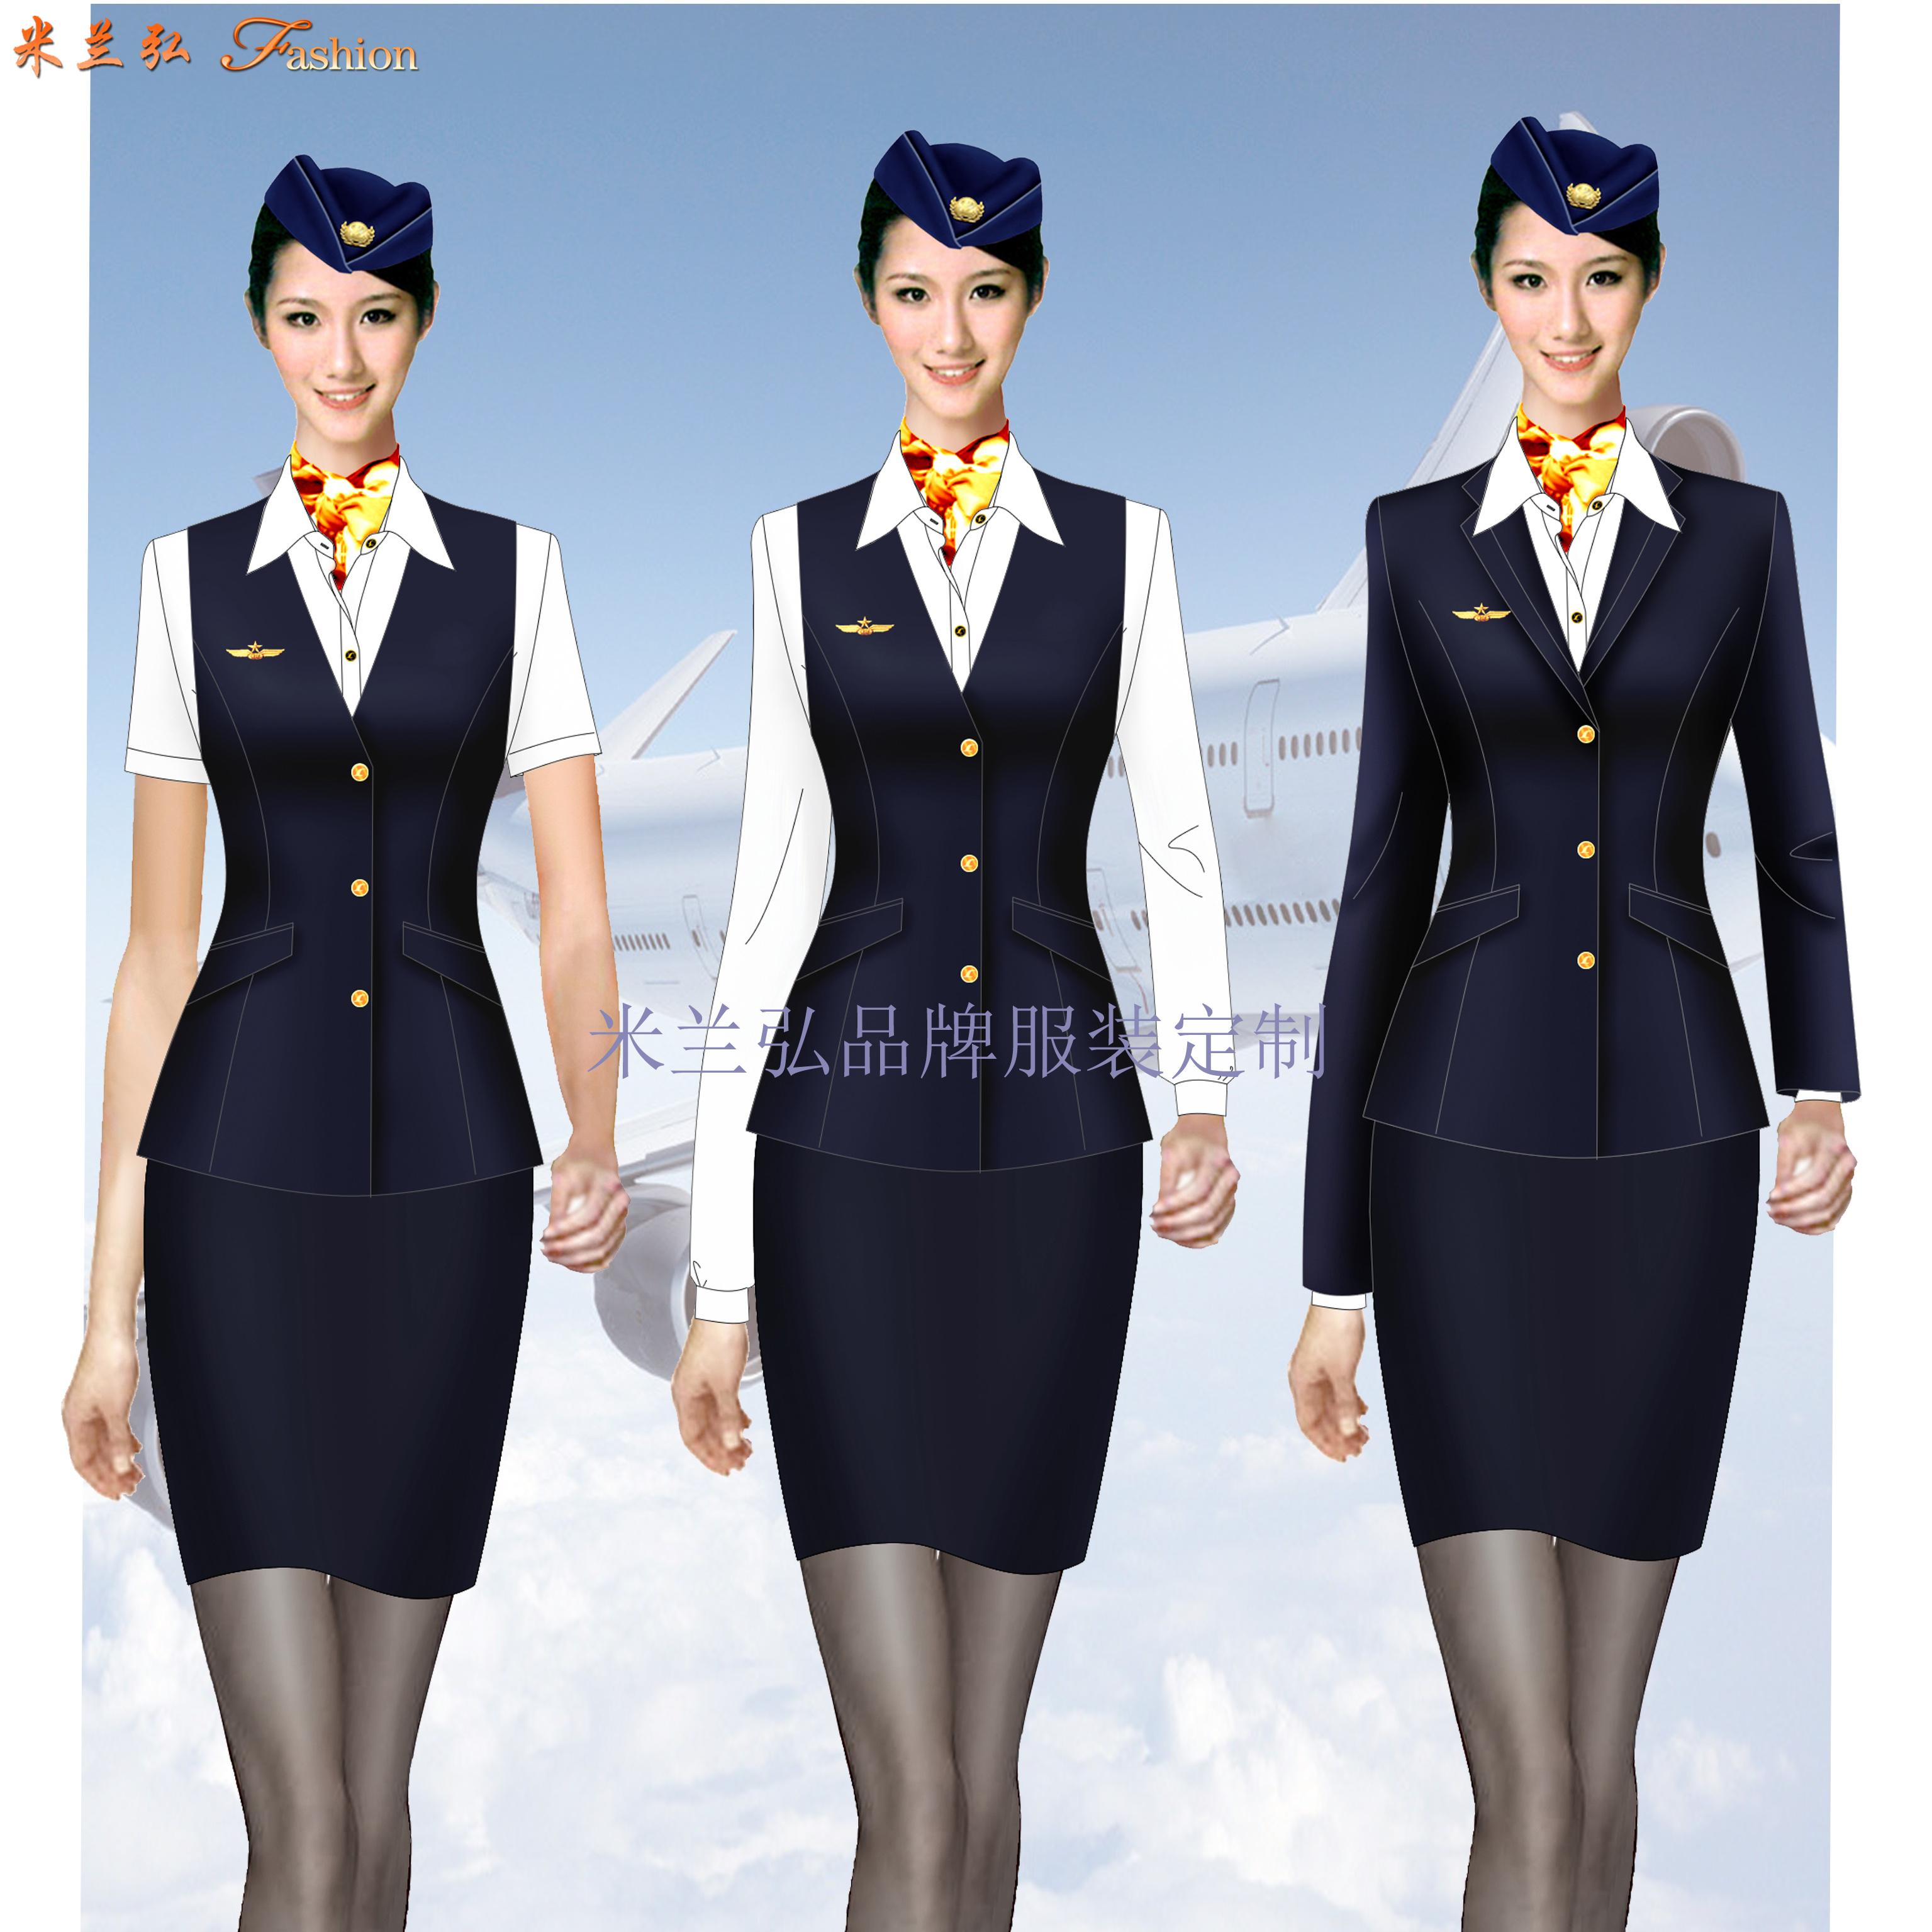 「空姐服装春秋款」贵州专业量身定制空姐服的公司-米兰弘服装-1